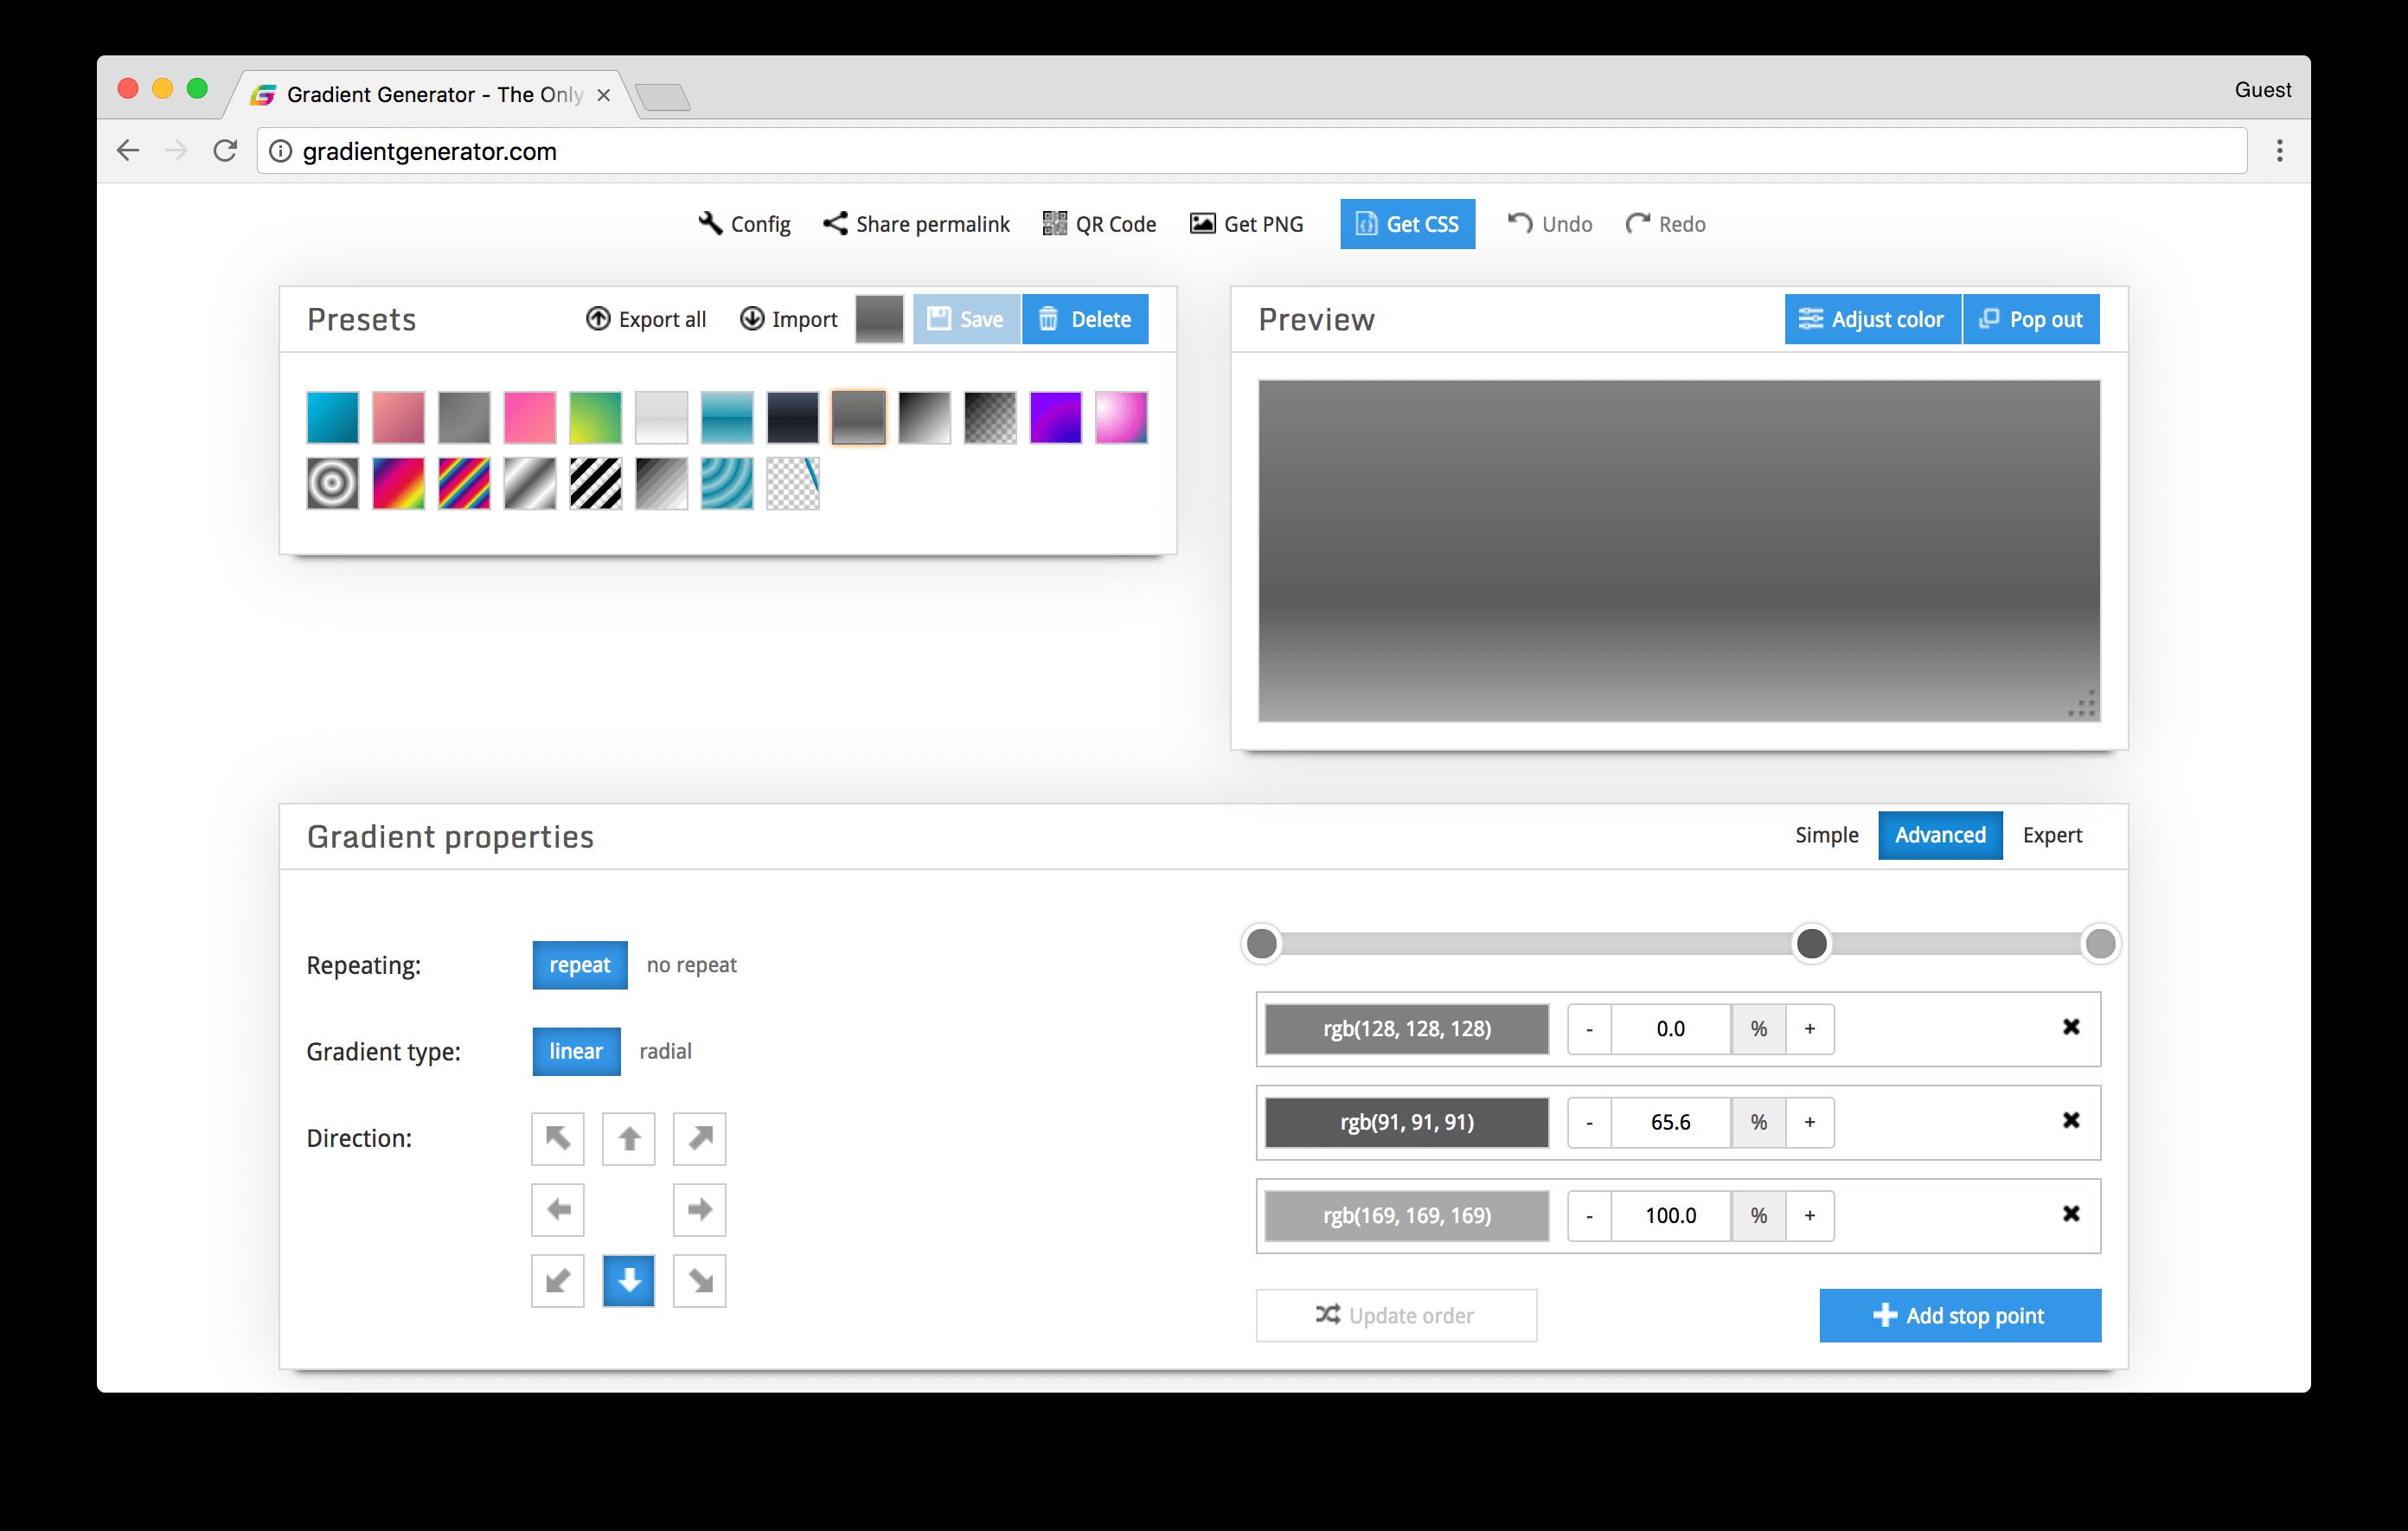 gradientgenerator.com